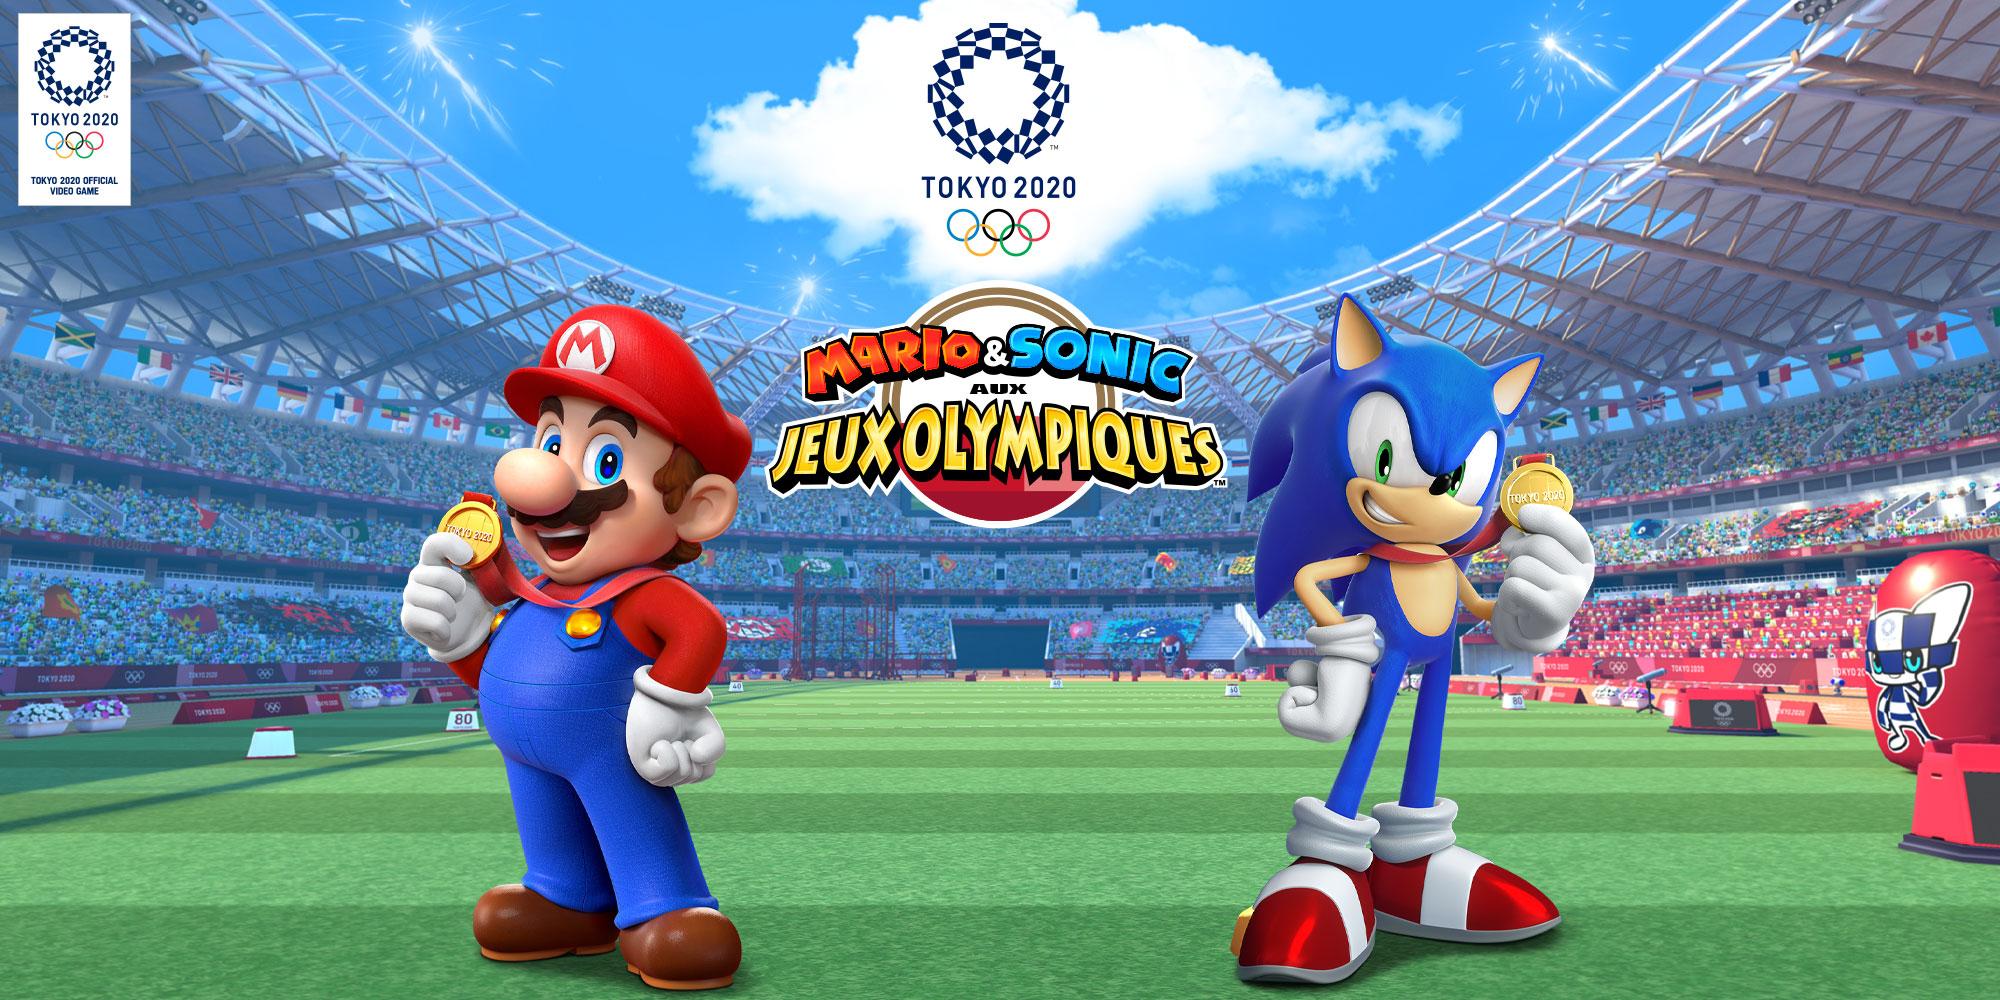 Mario & Sonic Aux Jeux Olympiques De Tokyo 2020 | Nintendo tout Jeux De Personnage Gratuit